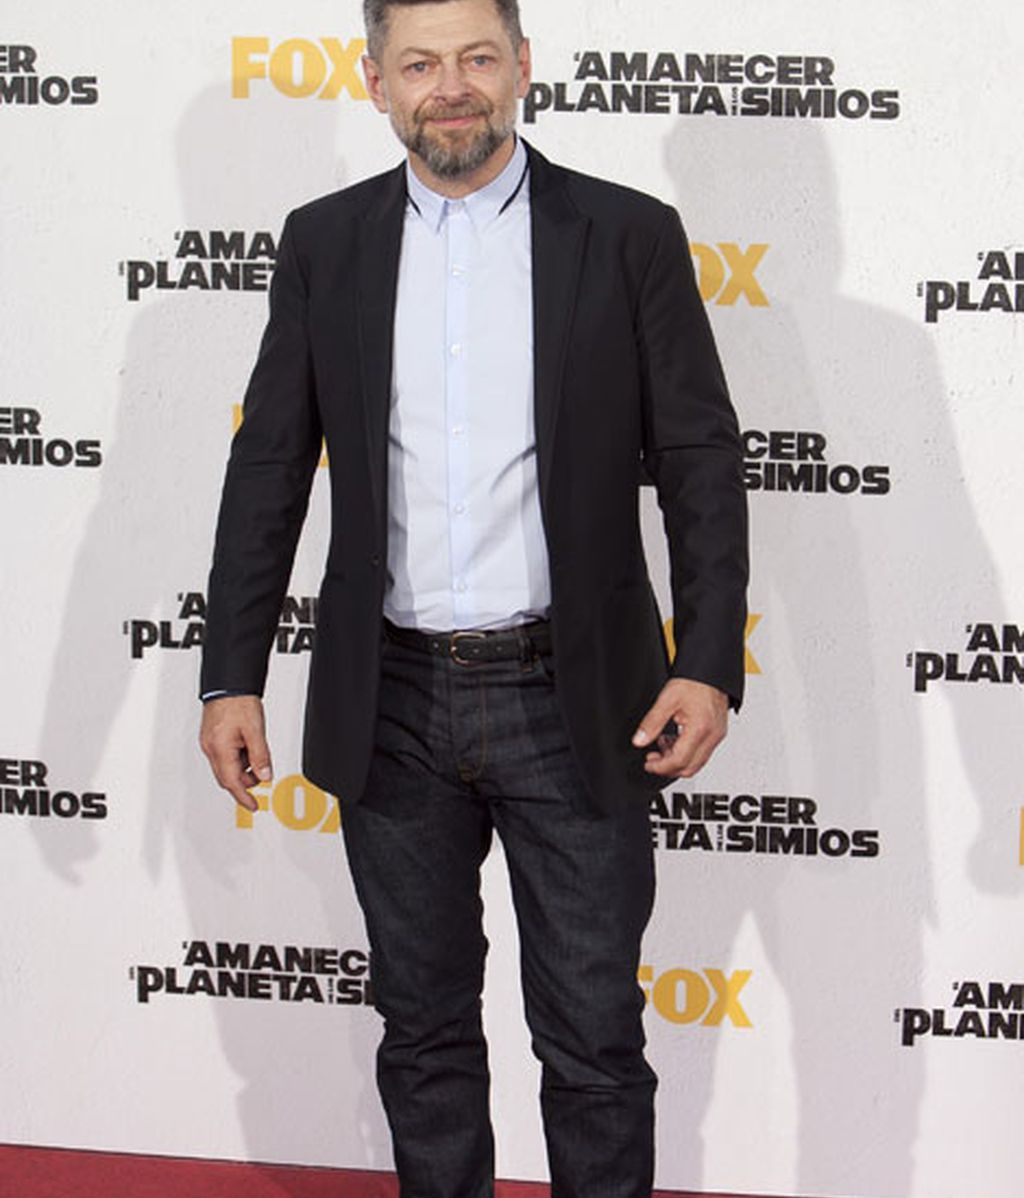 El actor Andy Serkis, conocido por su papel de Gollum